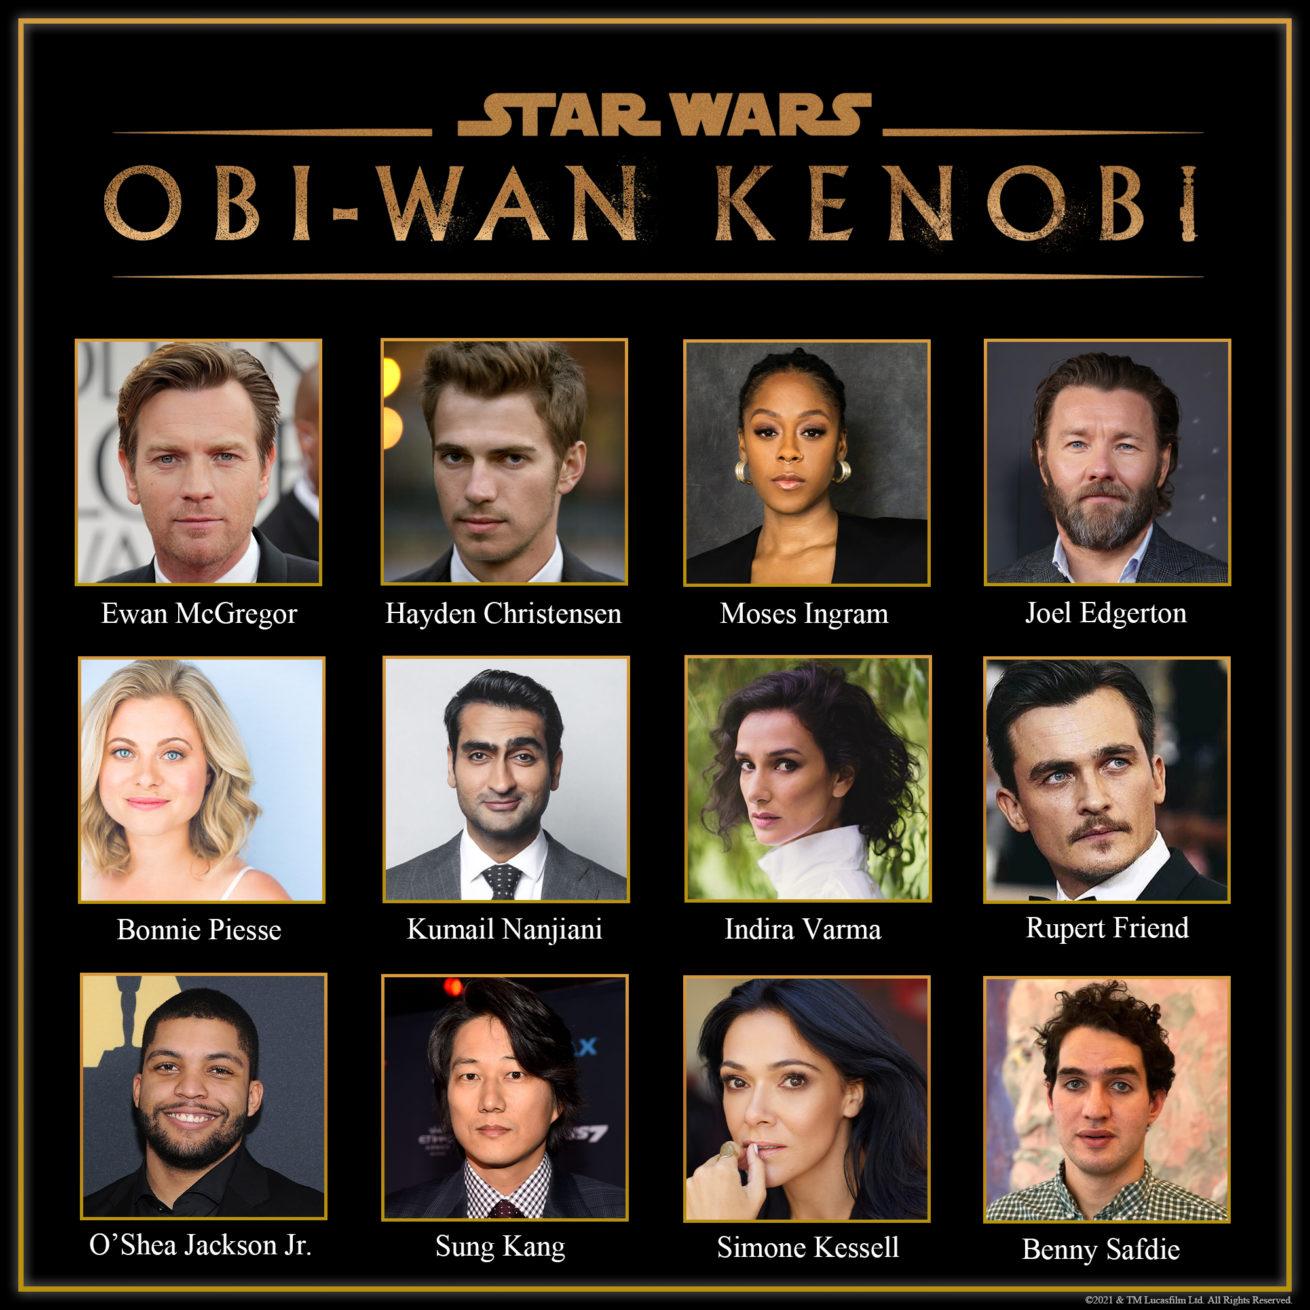 obi-wan kenobi spin-off'unun tam kadrosu belli oldu